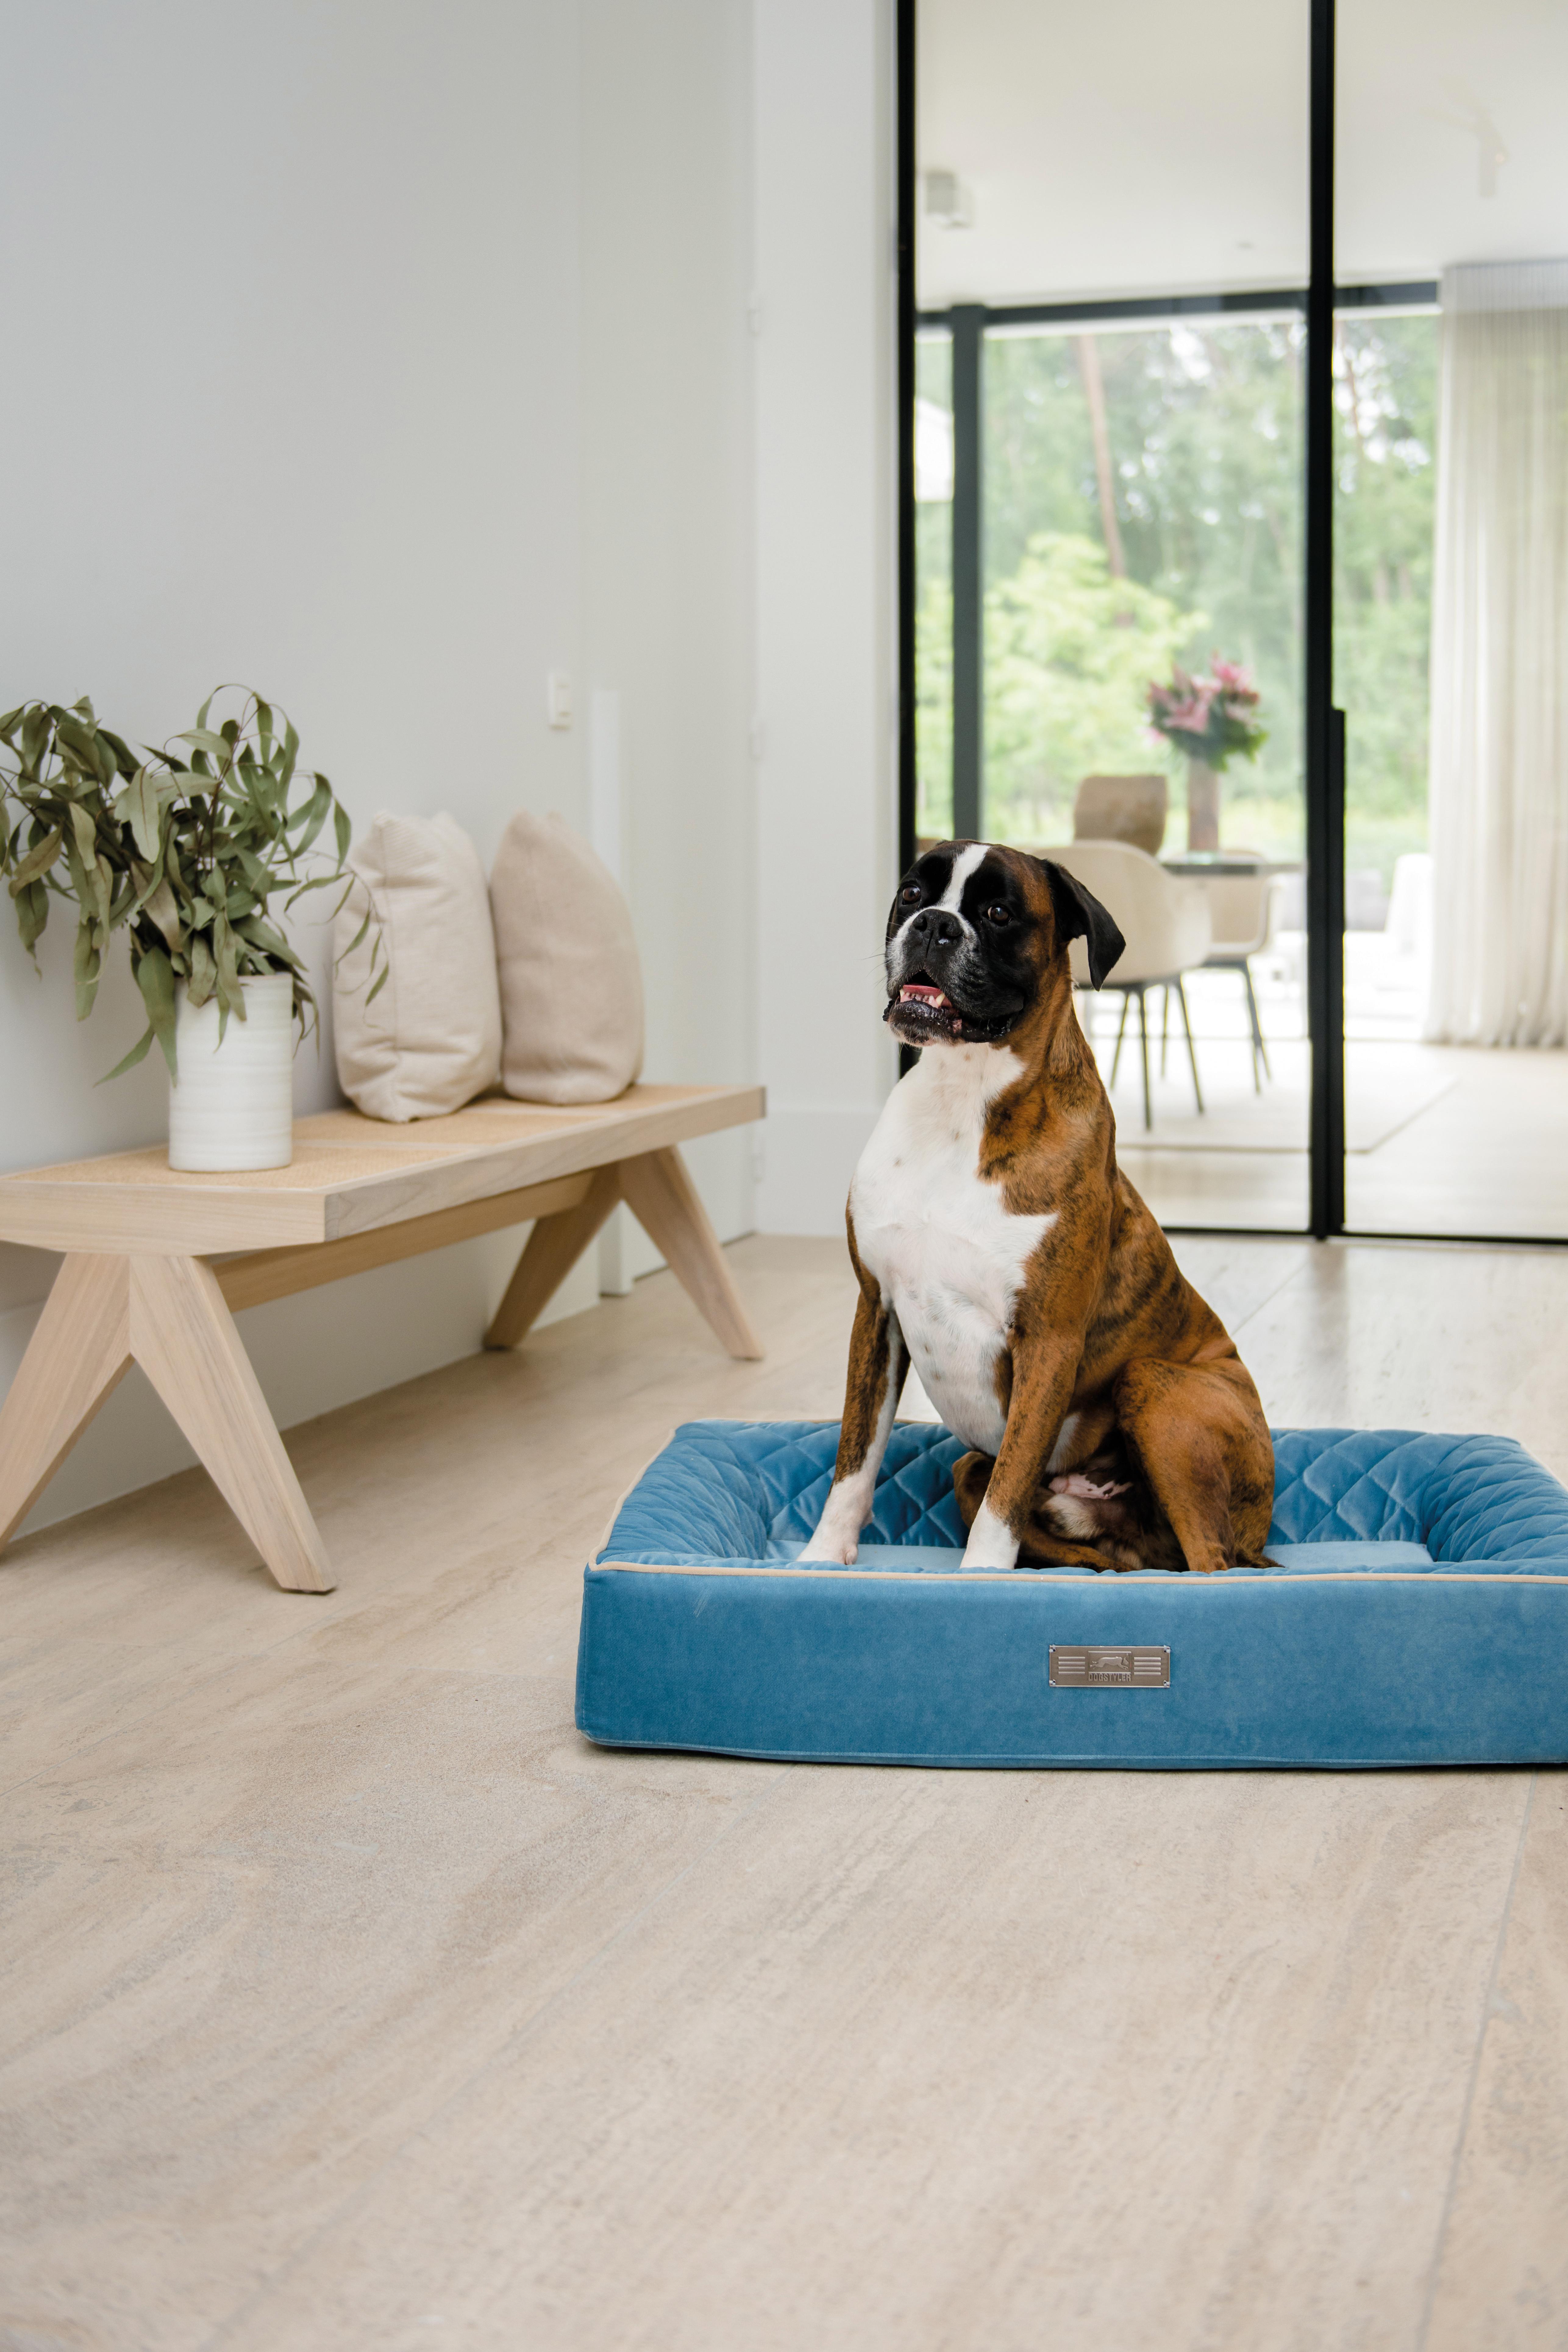 JETZT NEU: Der Dog Lounger VELVET - das samtig weiche Hundebett!